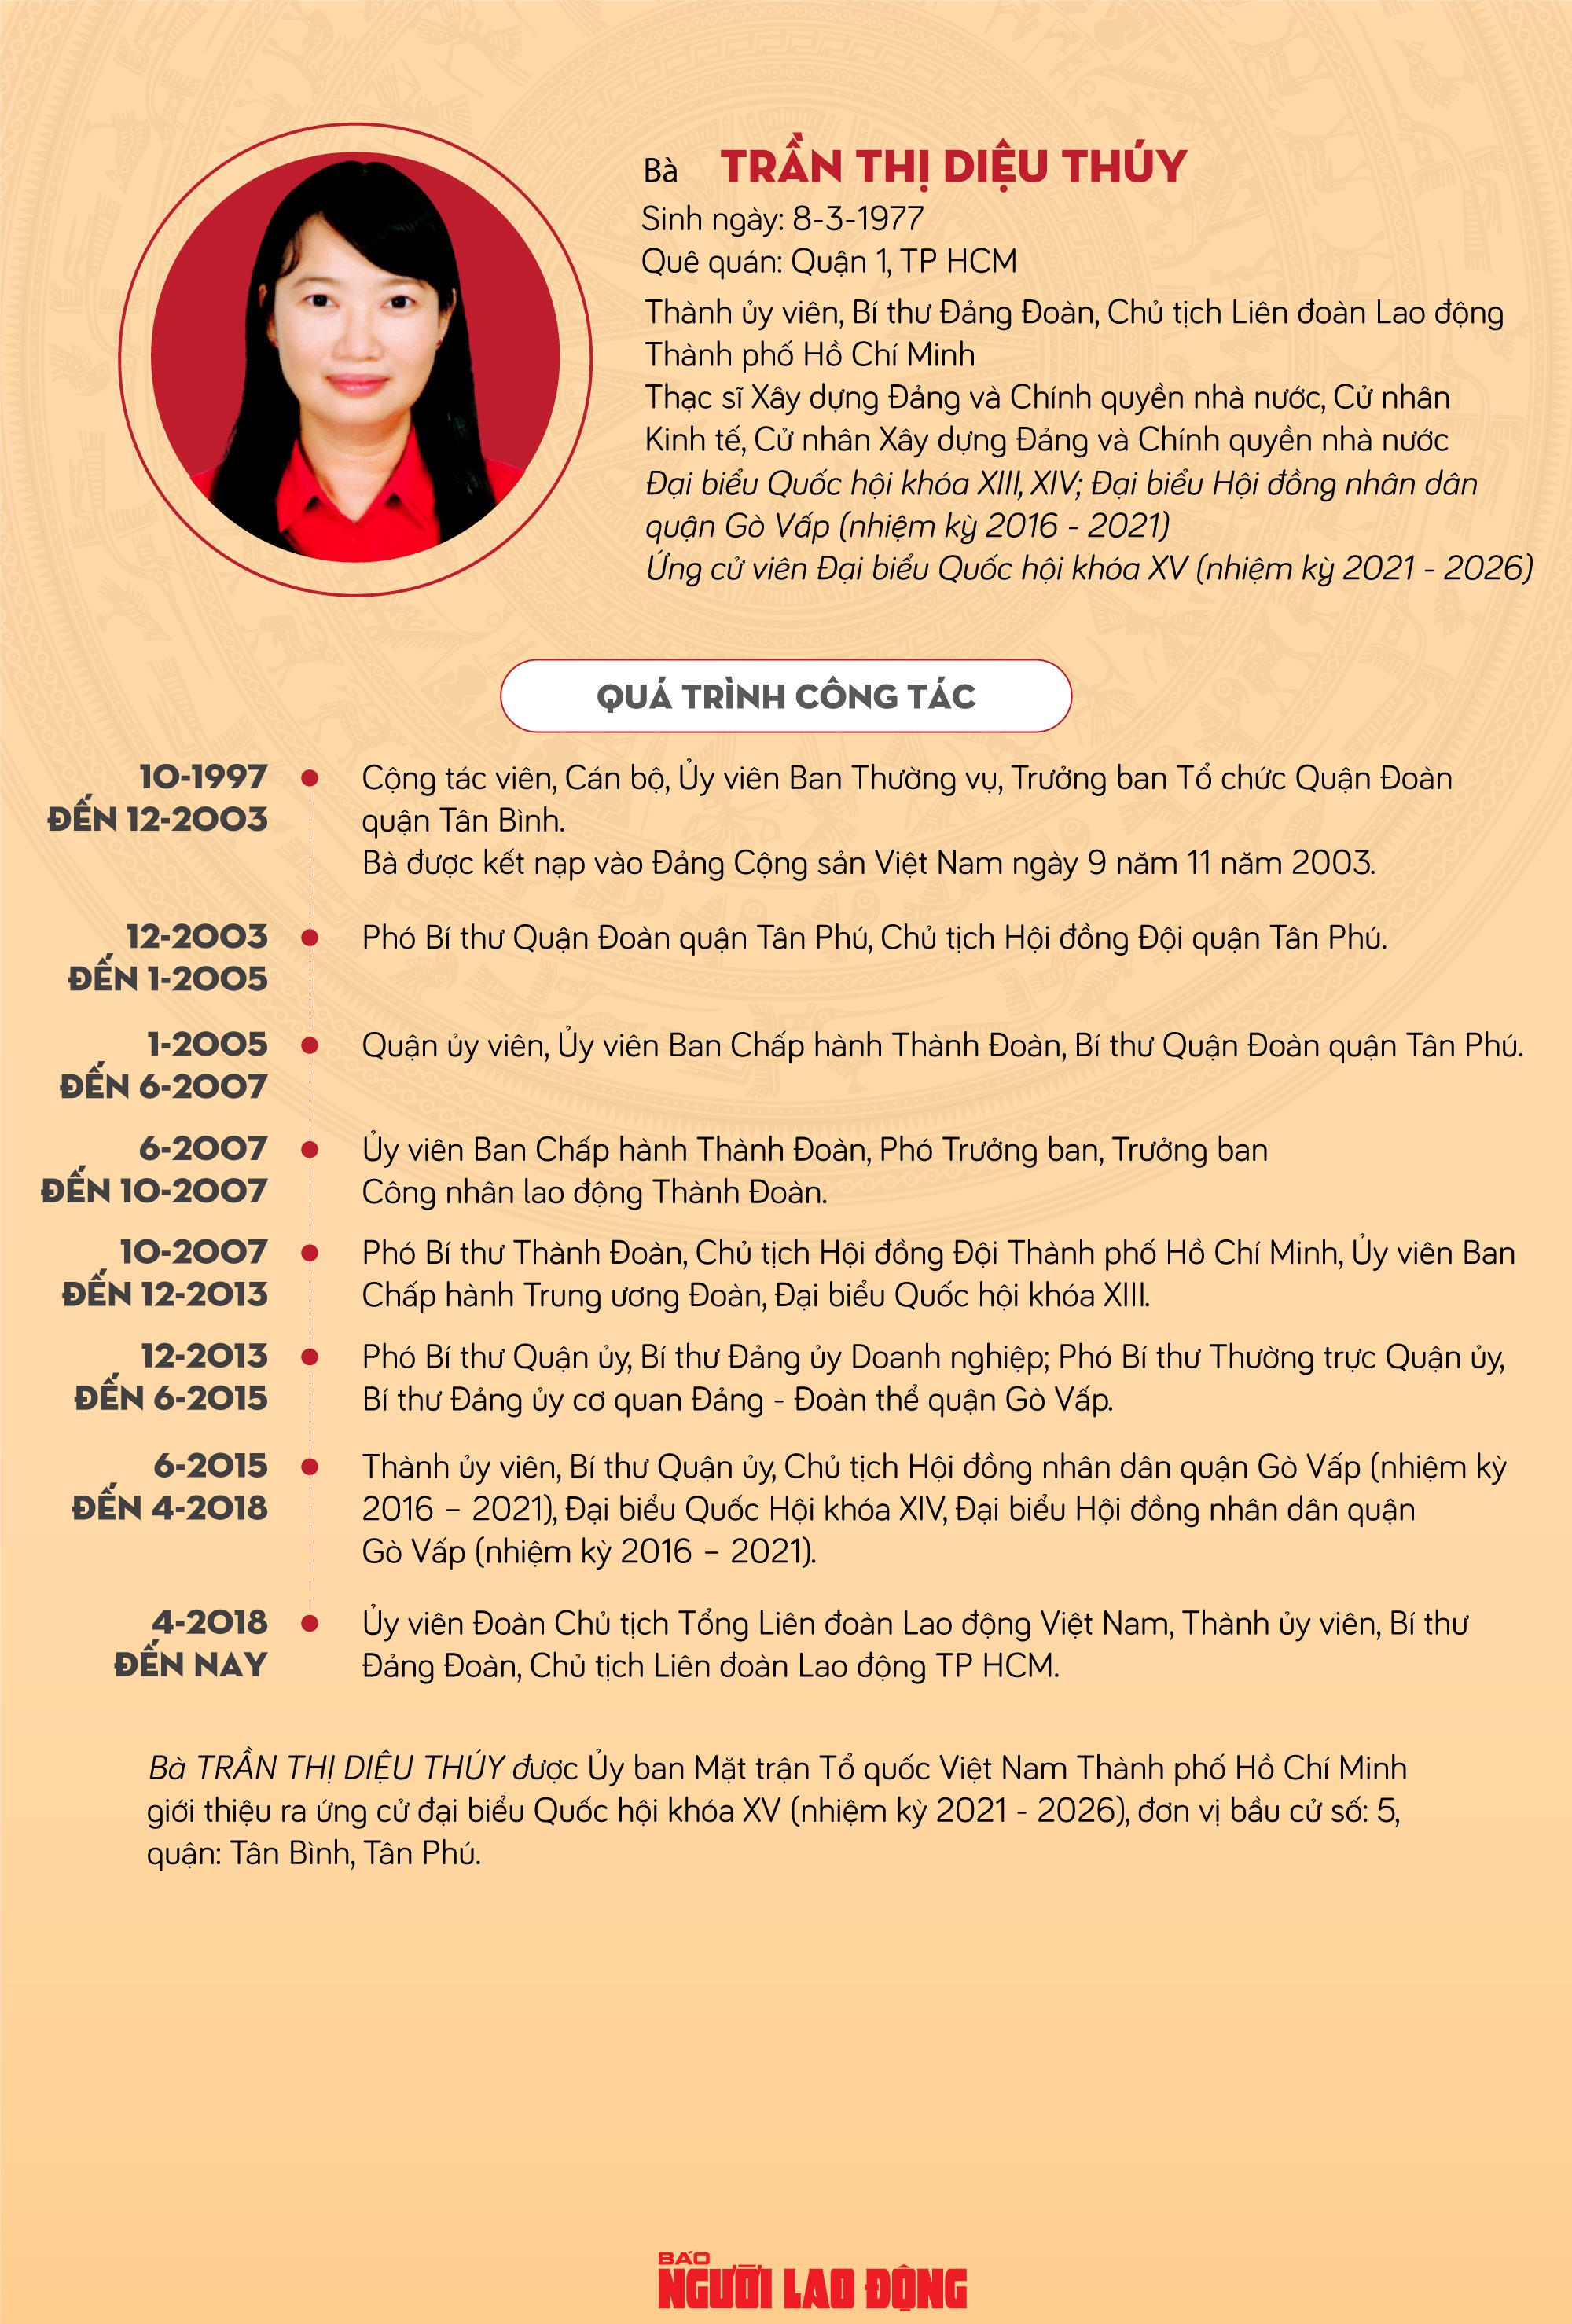 Bà Trần Thị Diệu Thúy: Đặc biệt quan tâm đến chính sách dành cho người lao động - Ảnh 1.